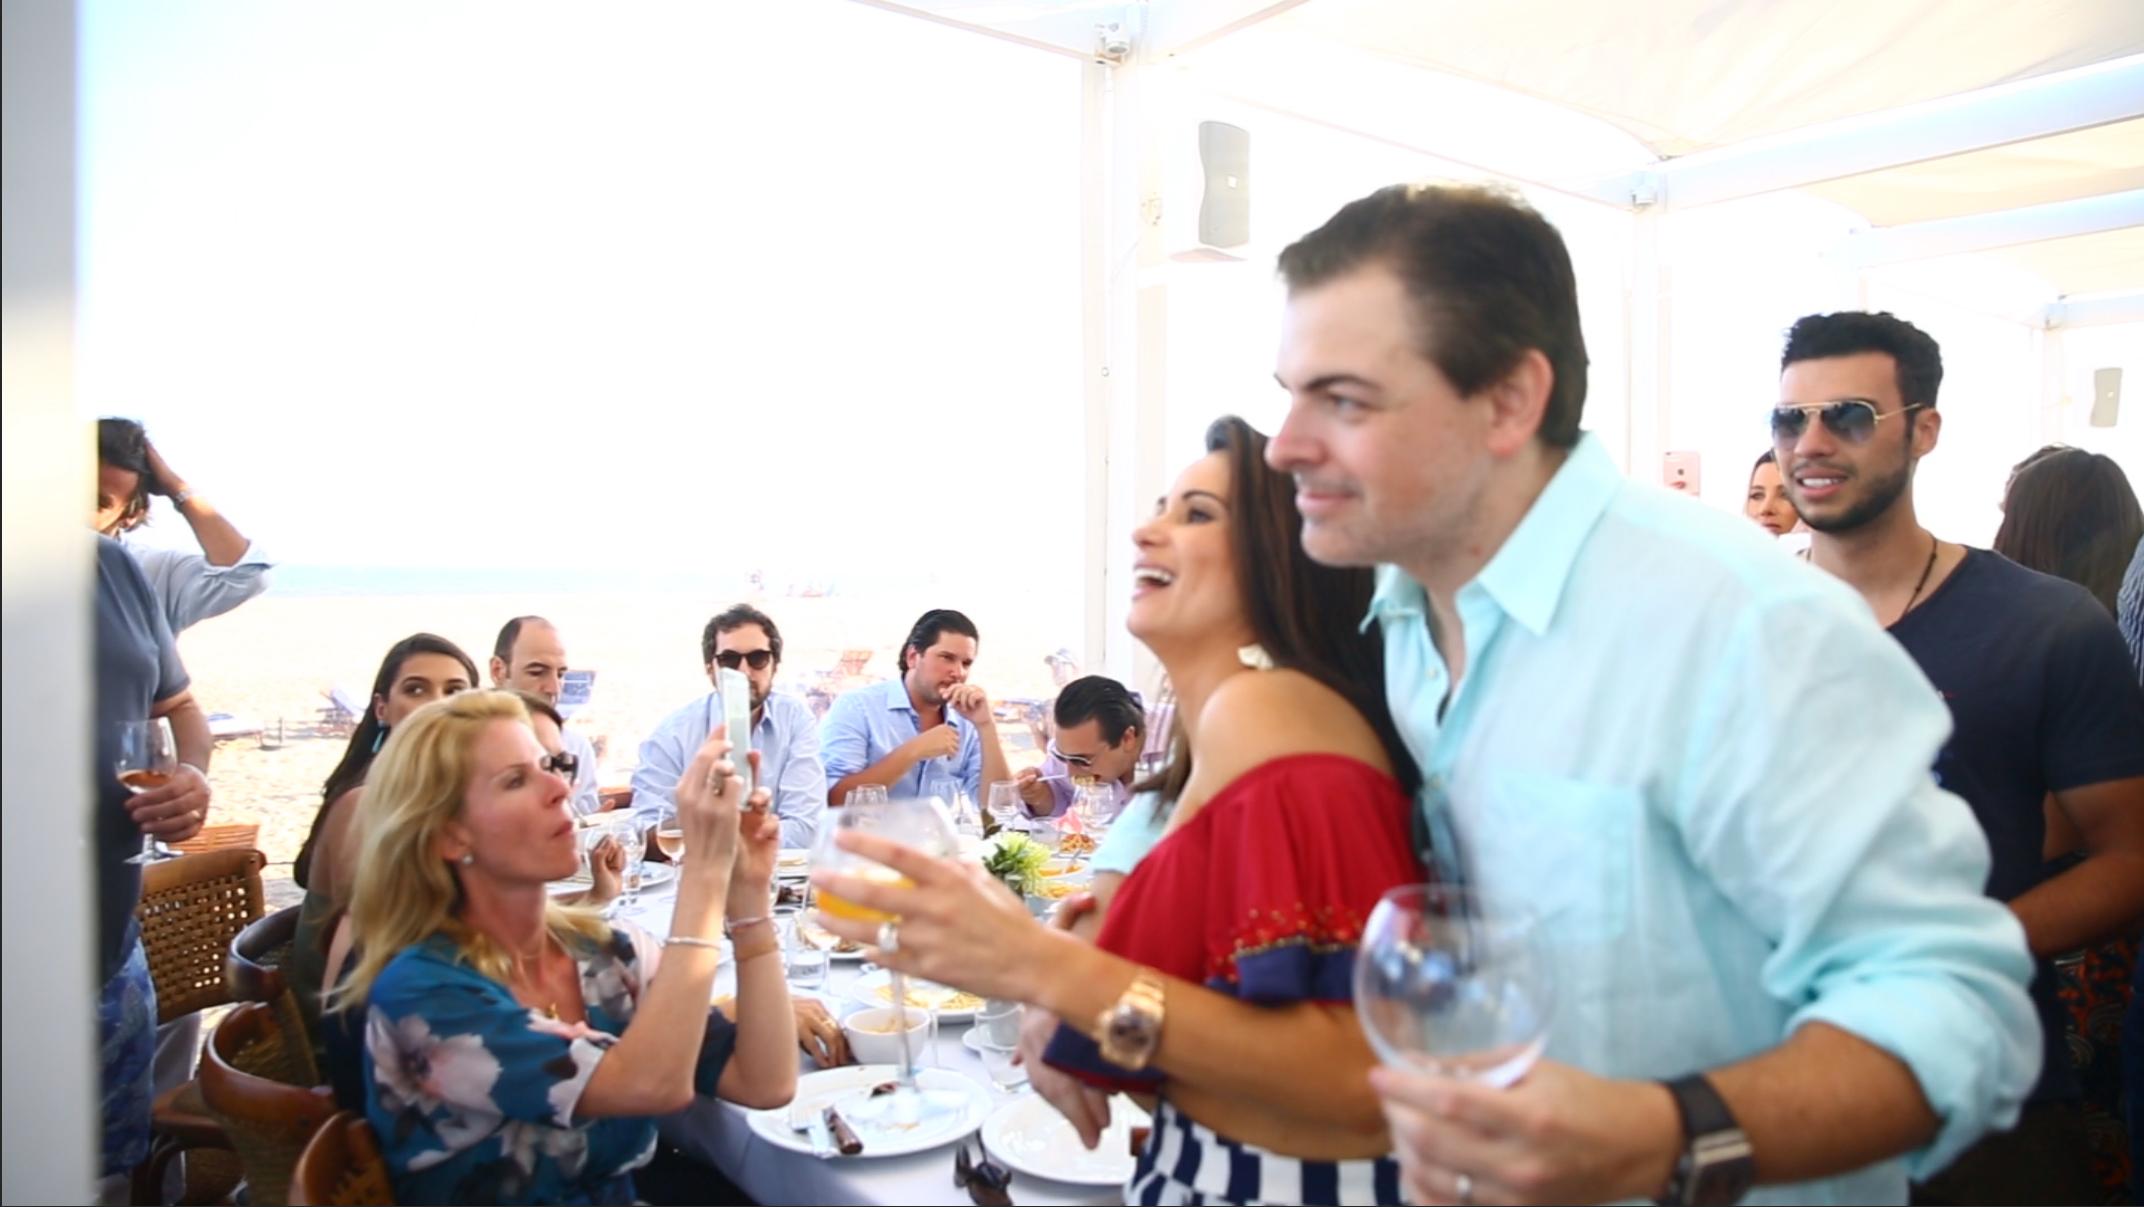 O sushi gaúcho Seninha em areias uruguaias e as festas à beira-mar que movimentam Punta